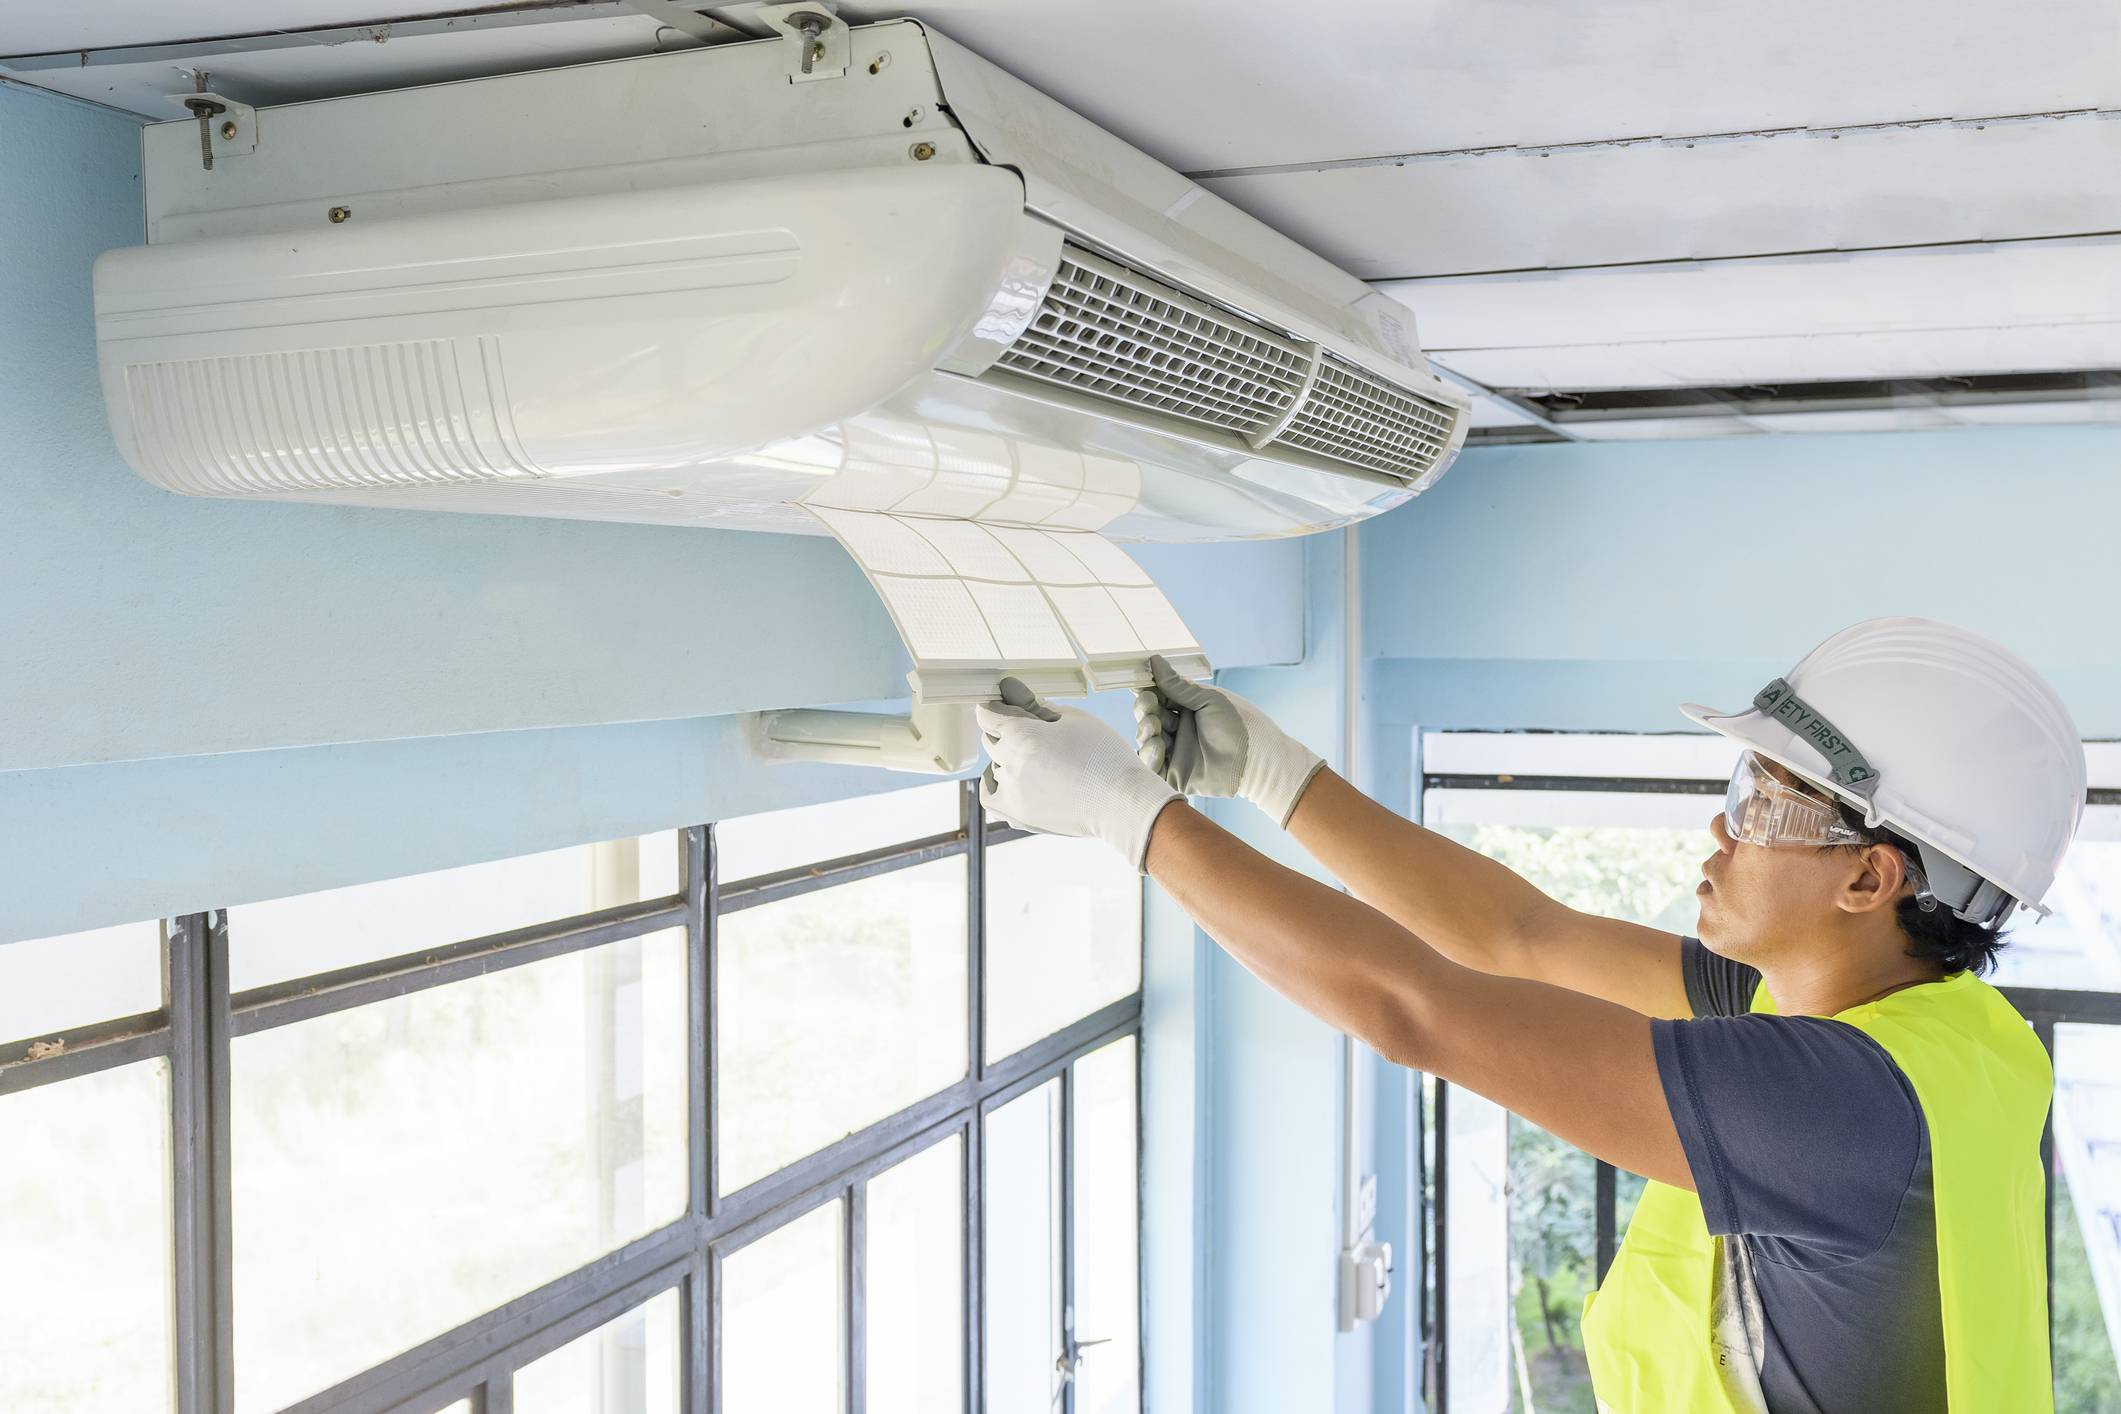 Как работает кондиционер в режиме охлаждения и нагрева воздуха